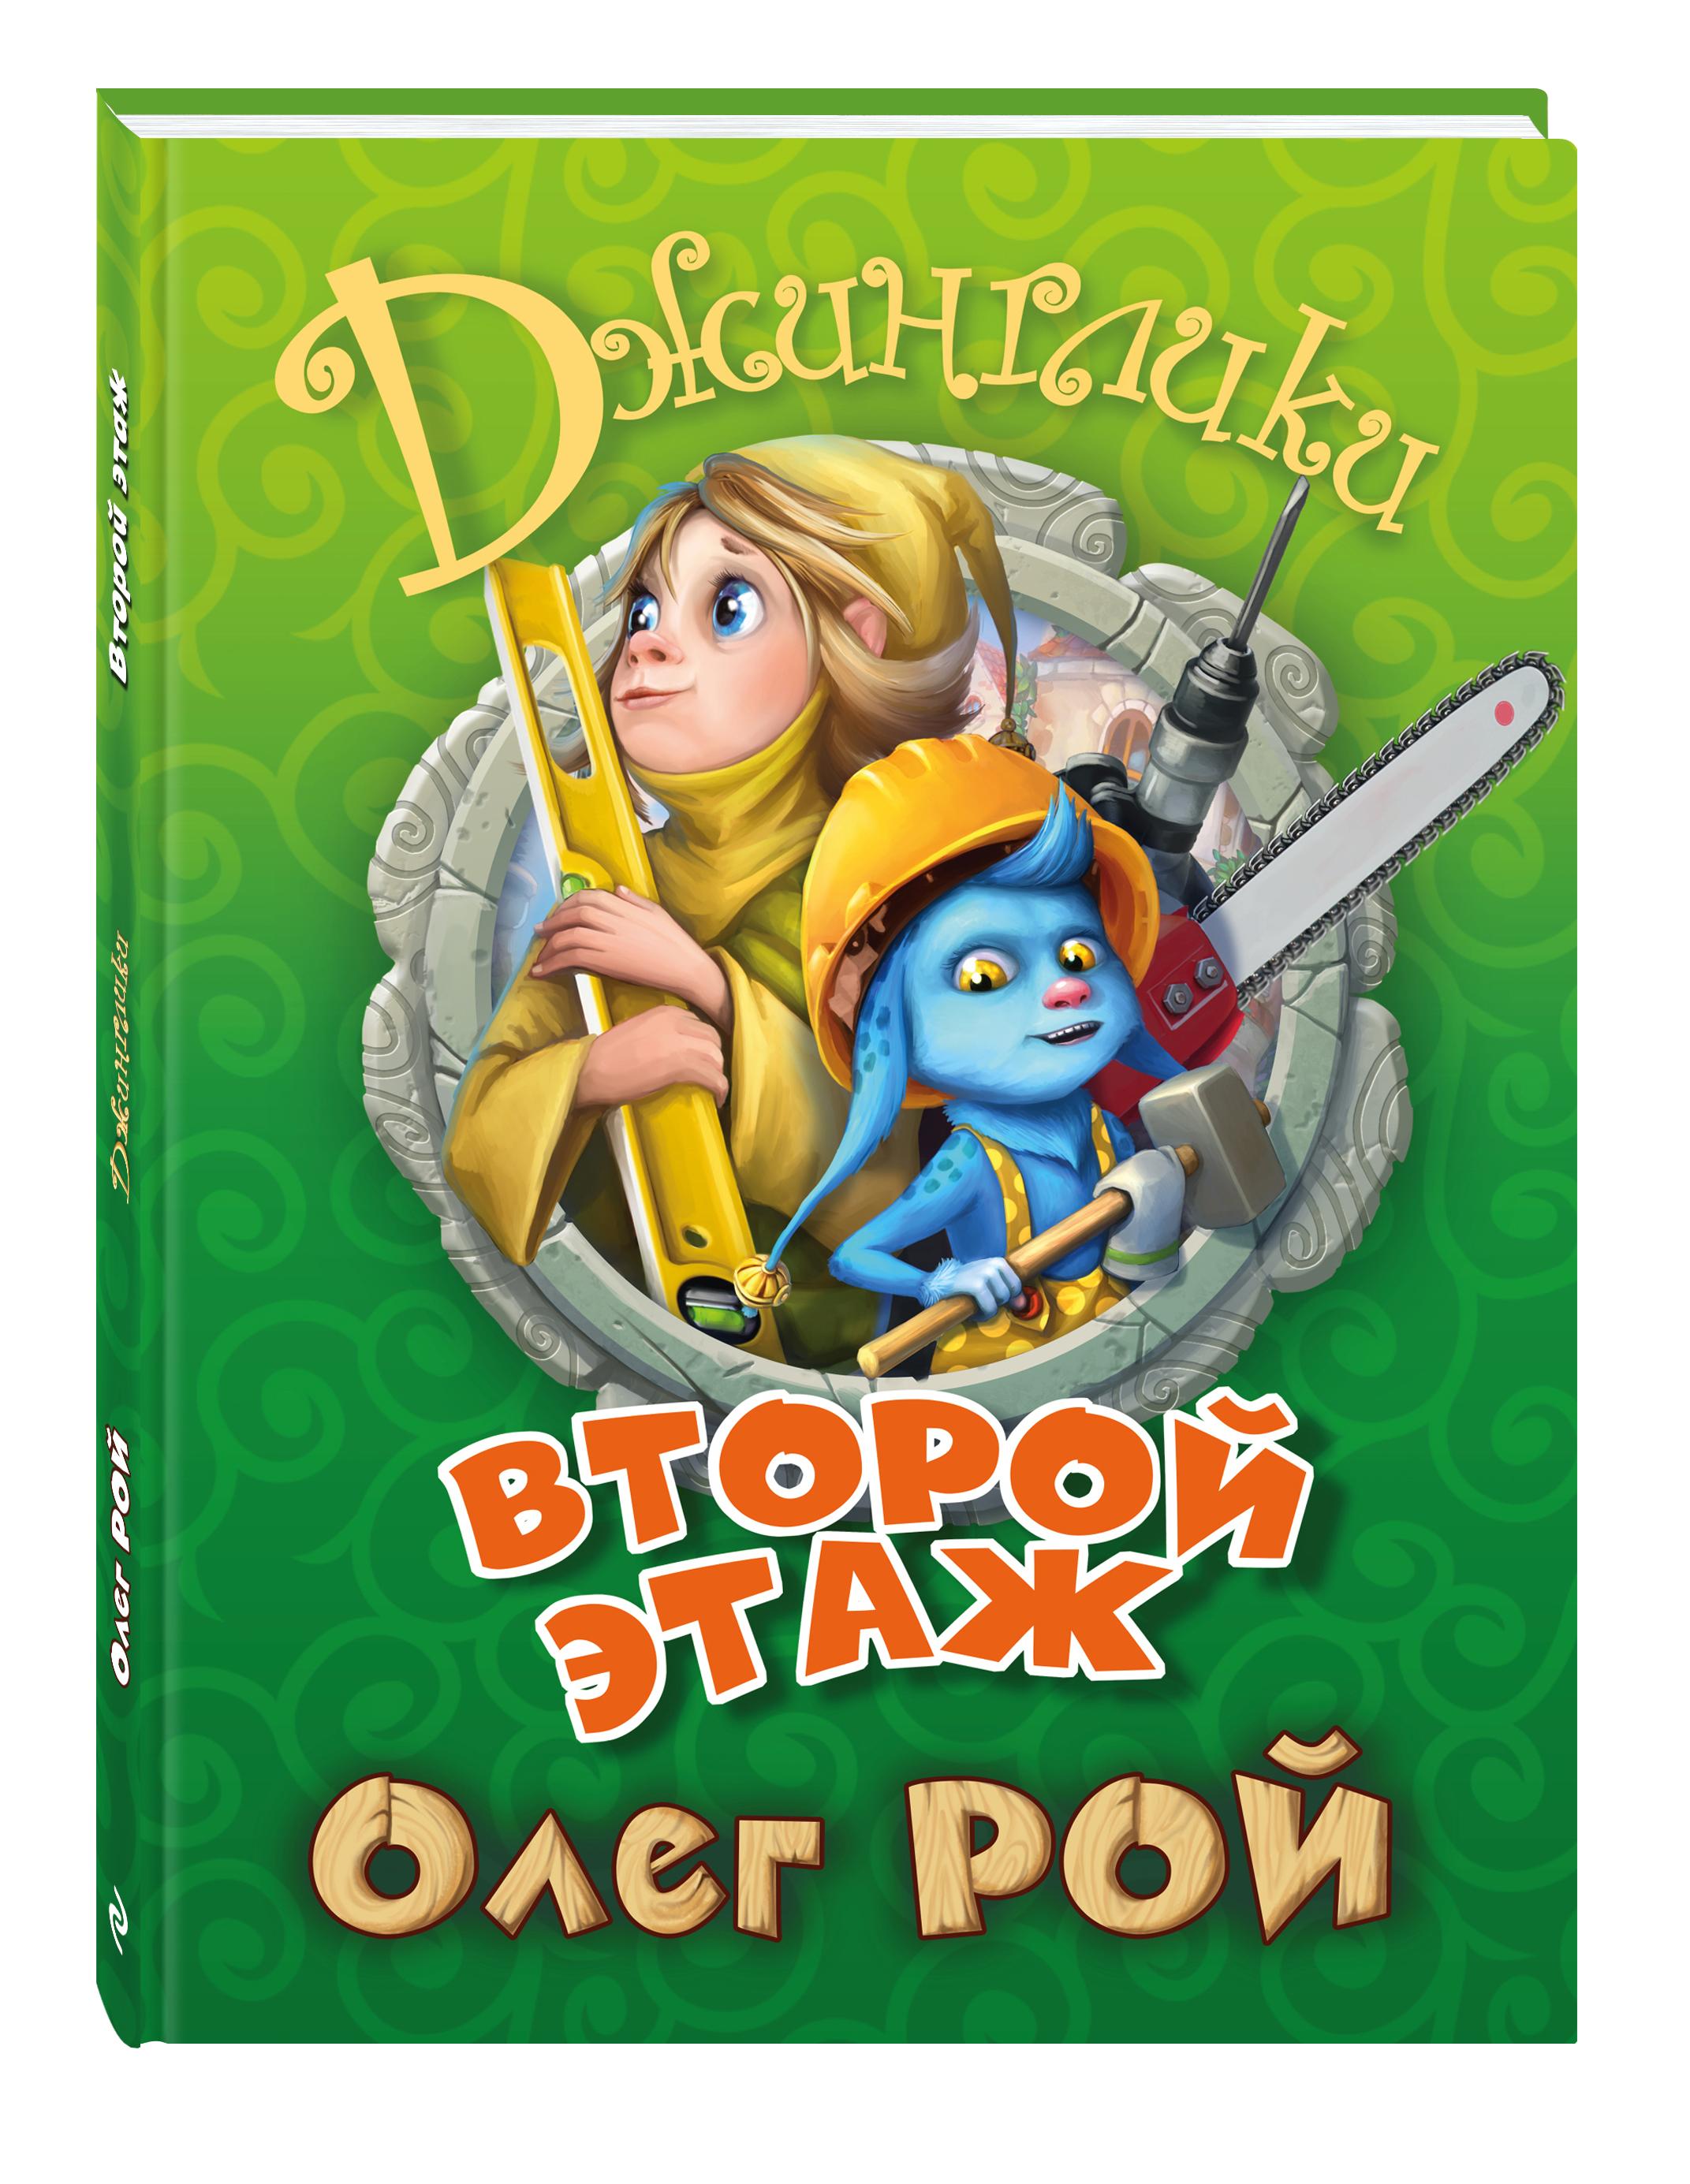 Олег Рой Второй этаж рой о второй этаж сказка раскраска